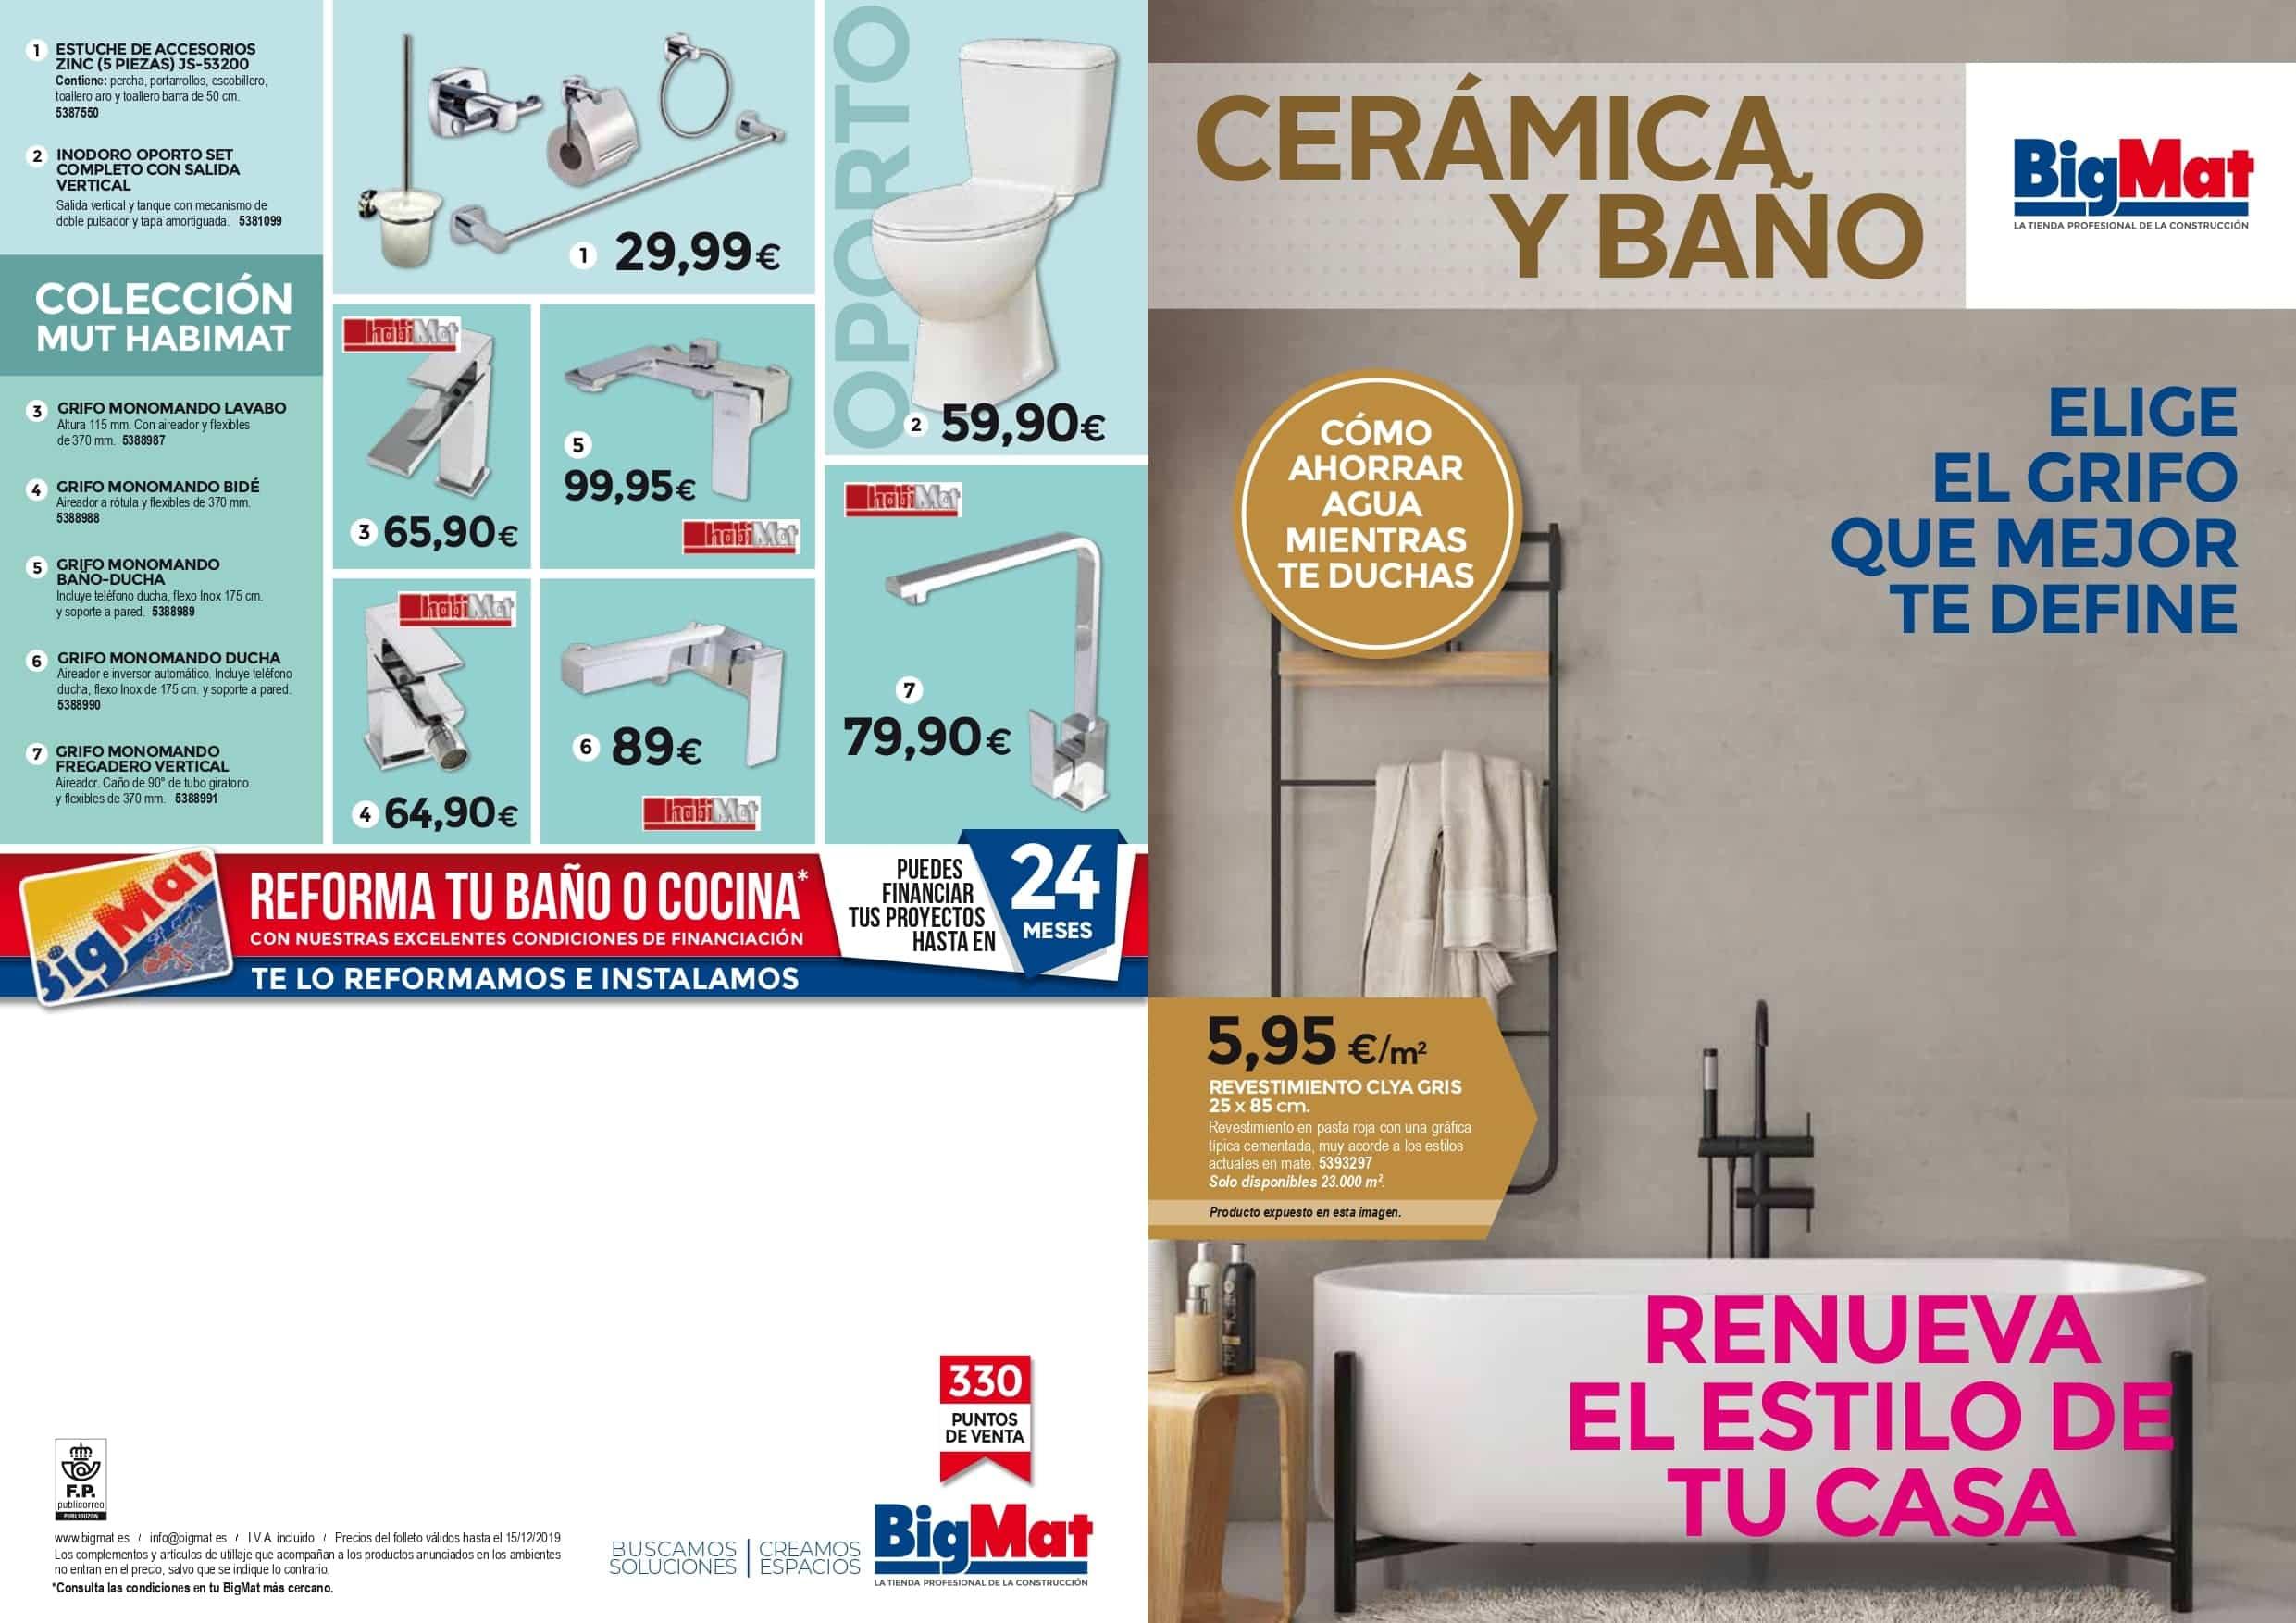 catalogo bigmat ceramica 1